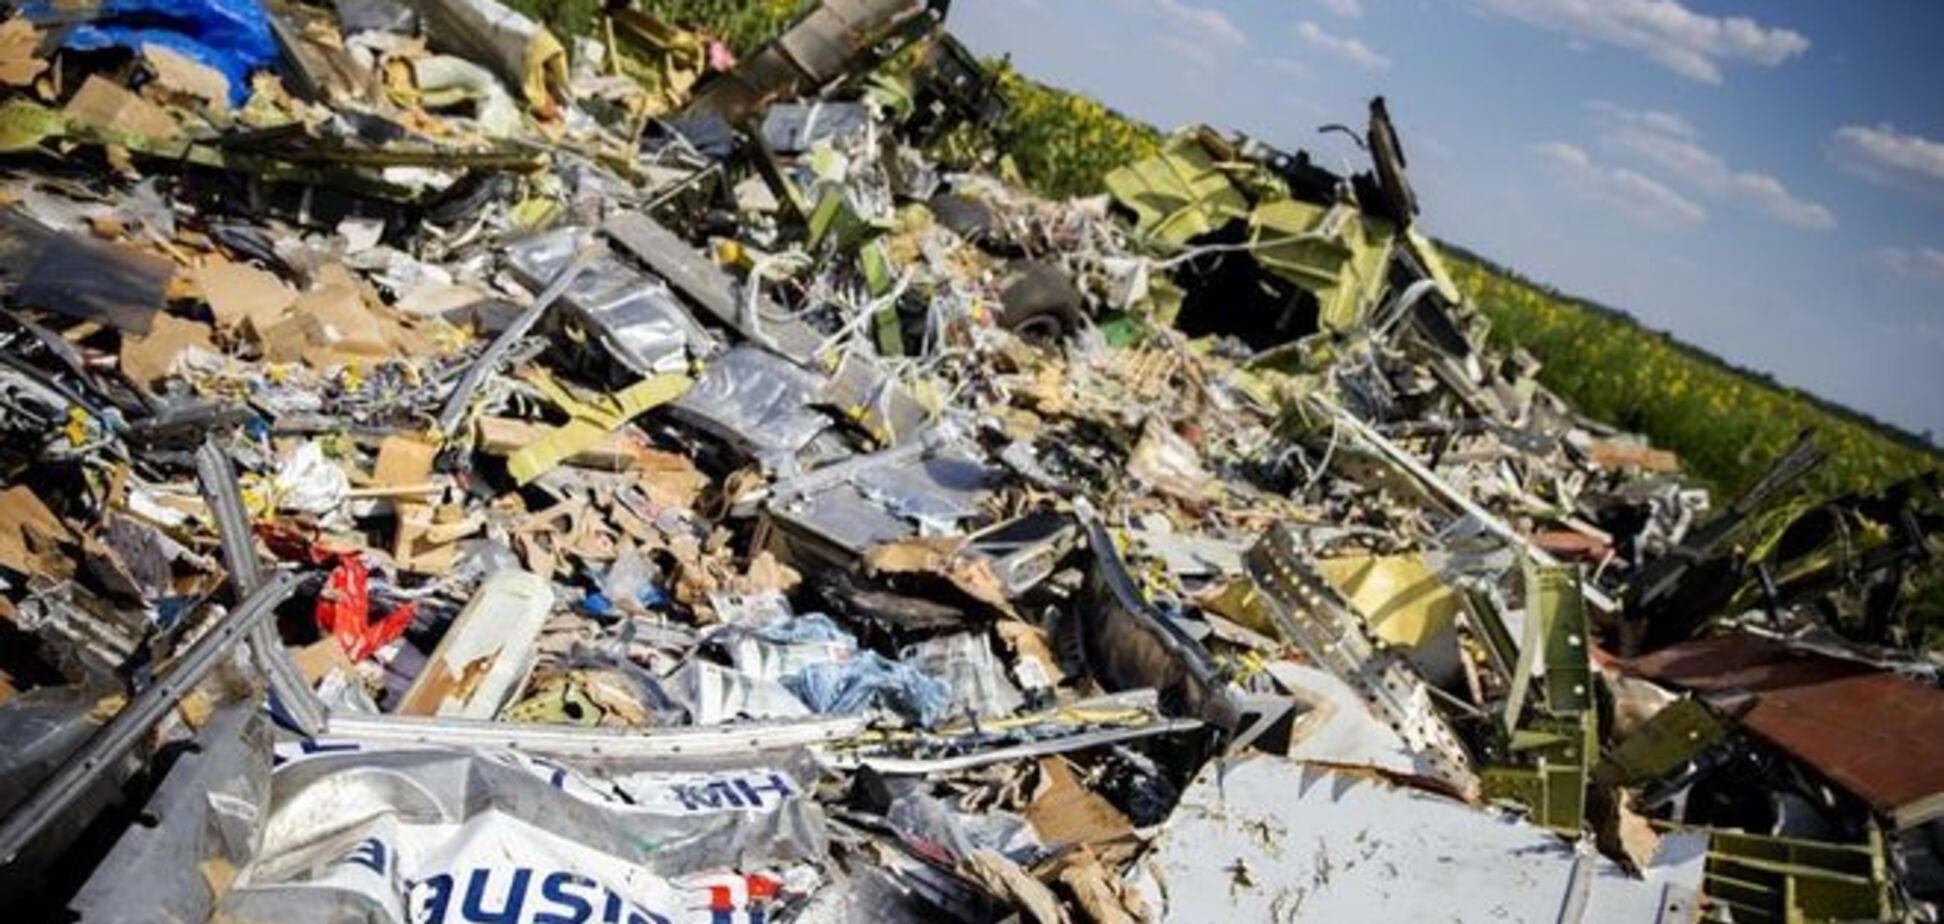 Крушение Boeing на Донбассе: новая версия от российских пропагандистов